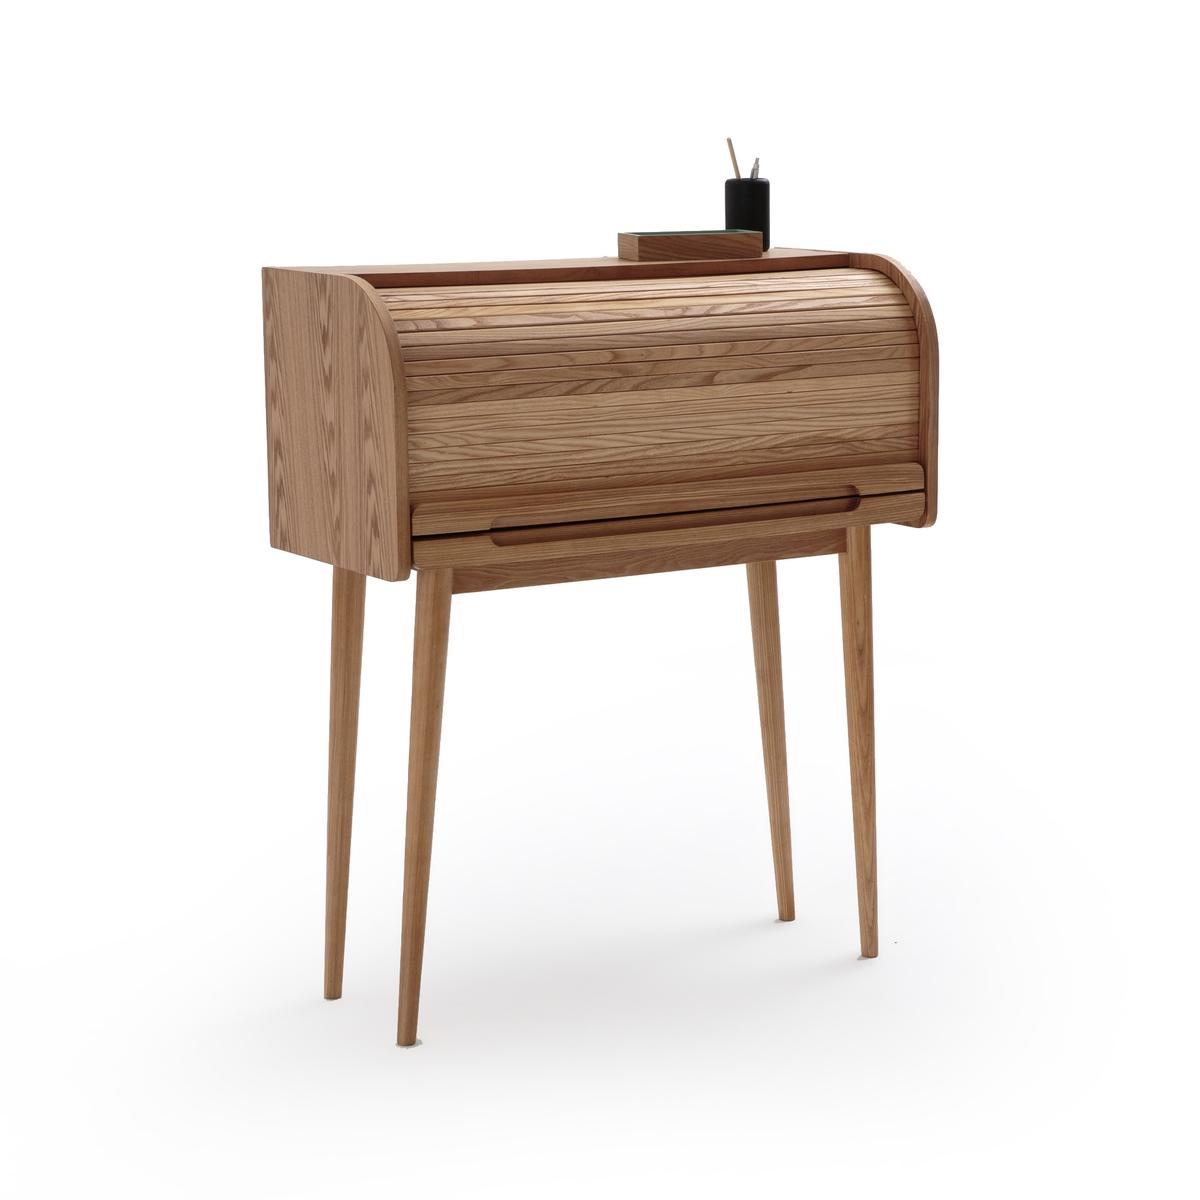 Стол La Redoute Письменный со шторкой Wapong единый размер каштановый